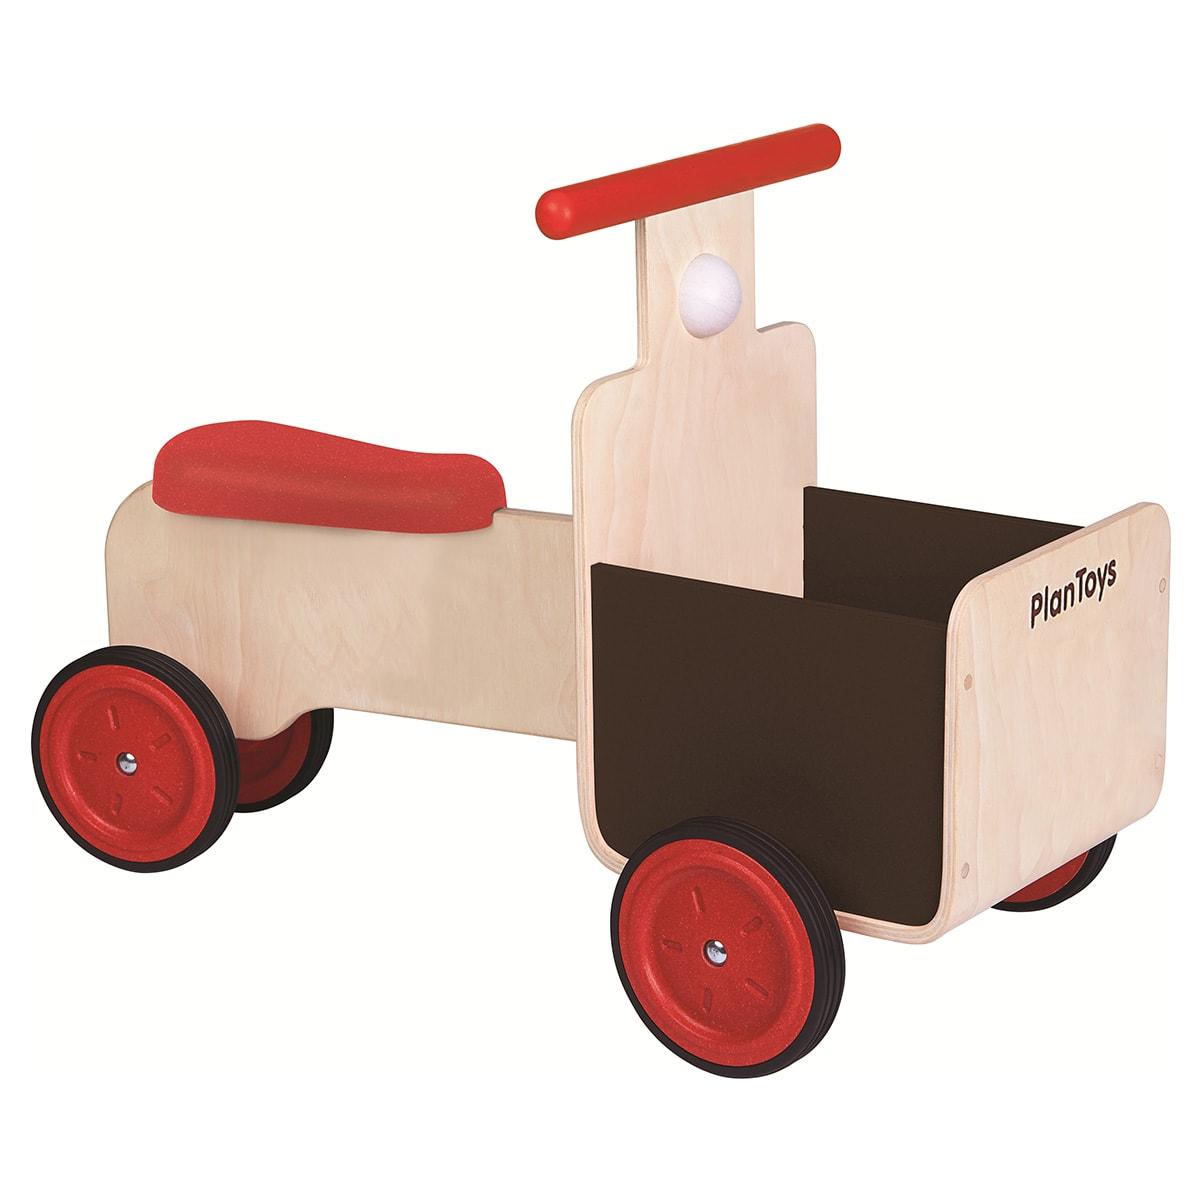 Scooter i bæredygtigt træ - Med plads til bamser og byggeklodser